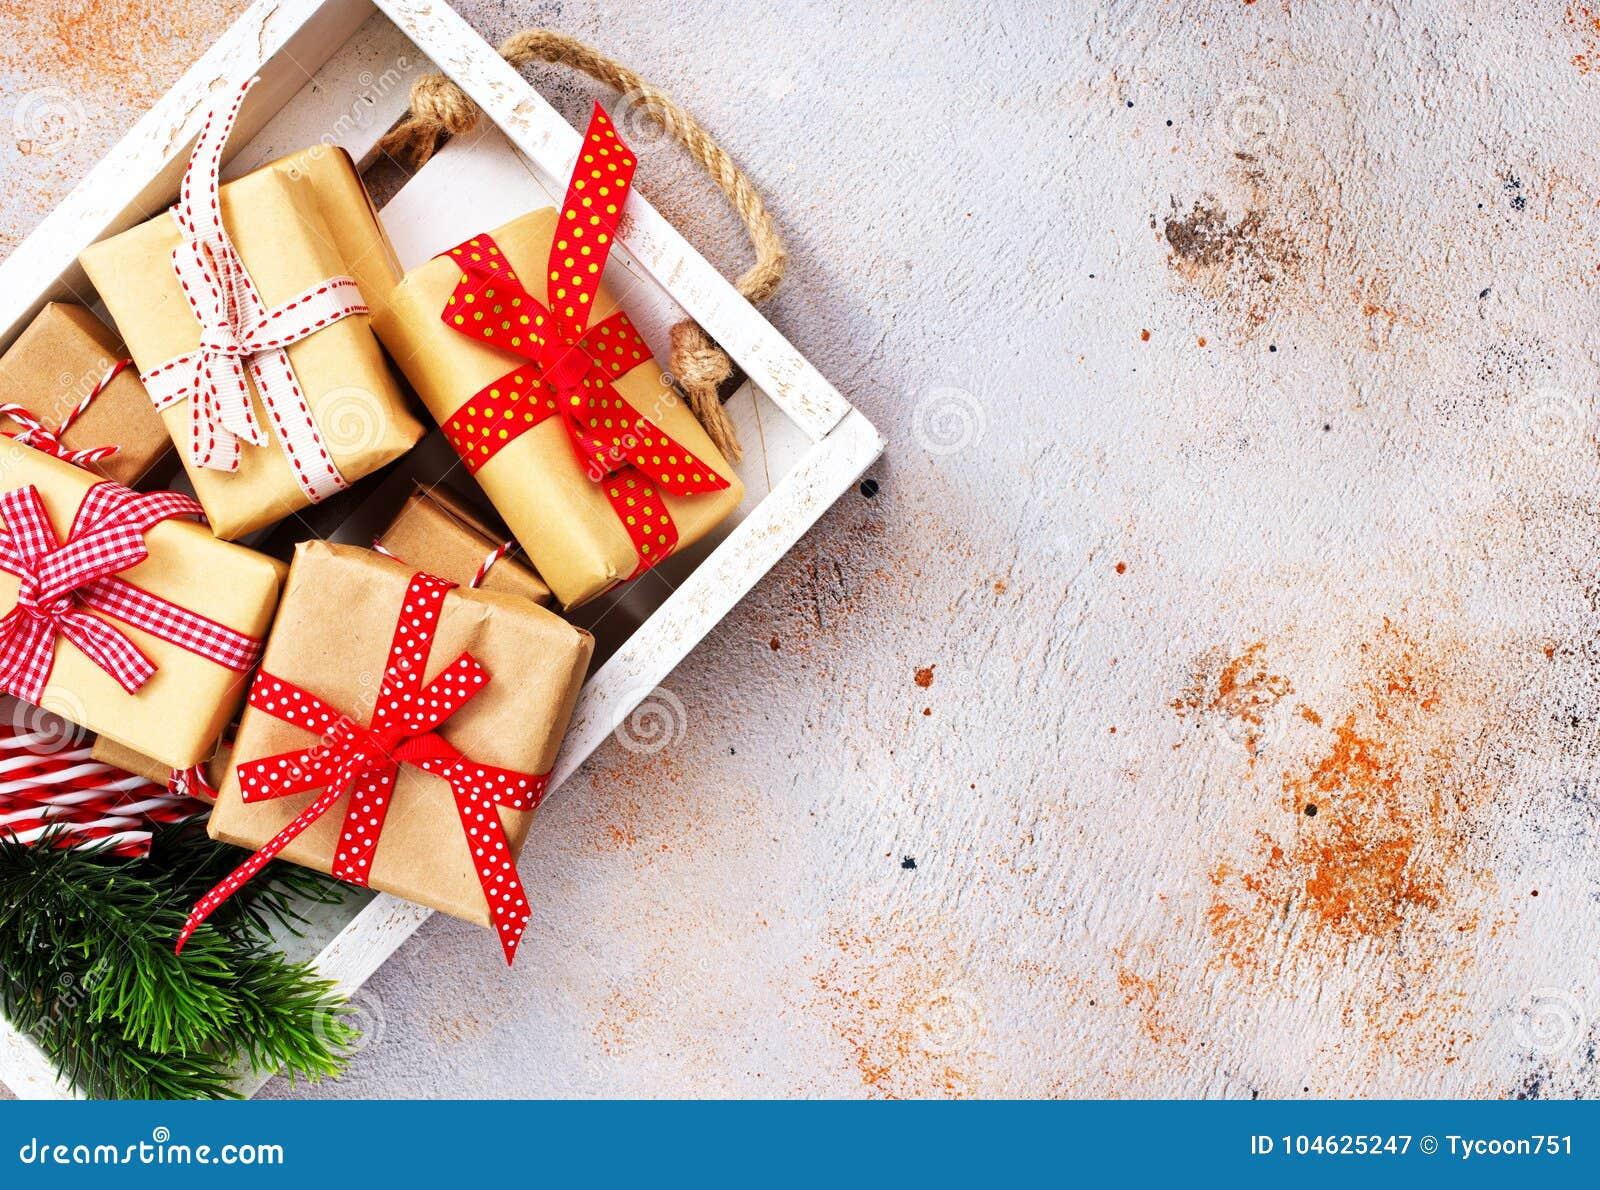 Download De Achtergrond Van Kerstmis Stock Afbeelding - Afbeelding bestaande uit groet, kegel: 104625247